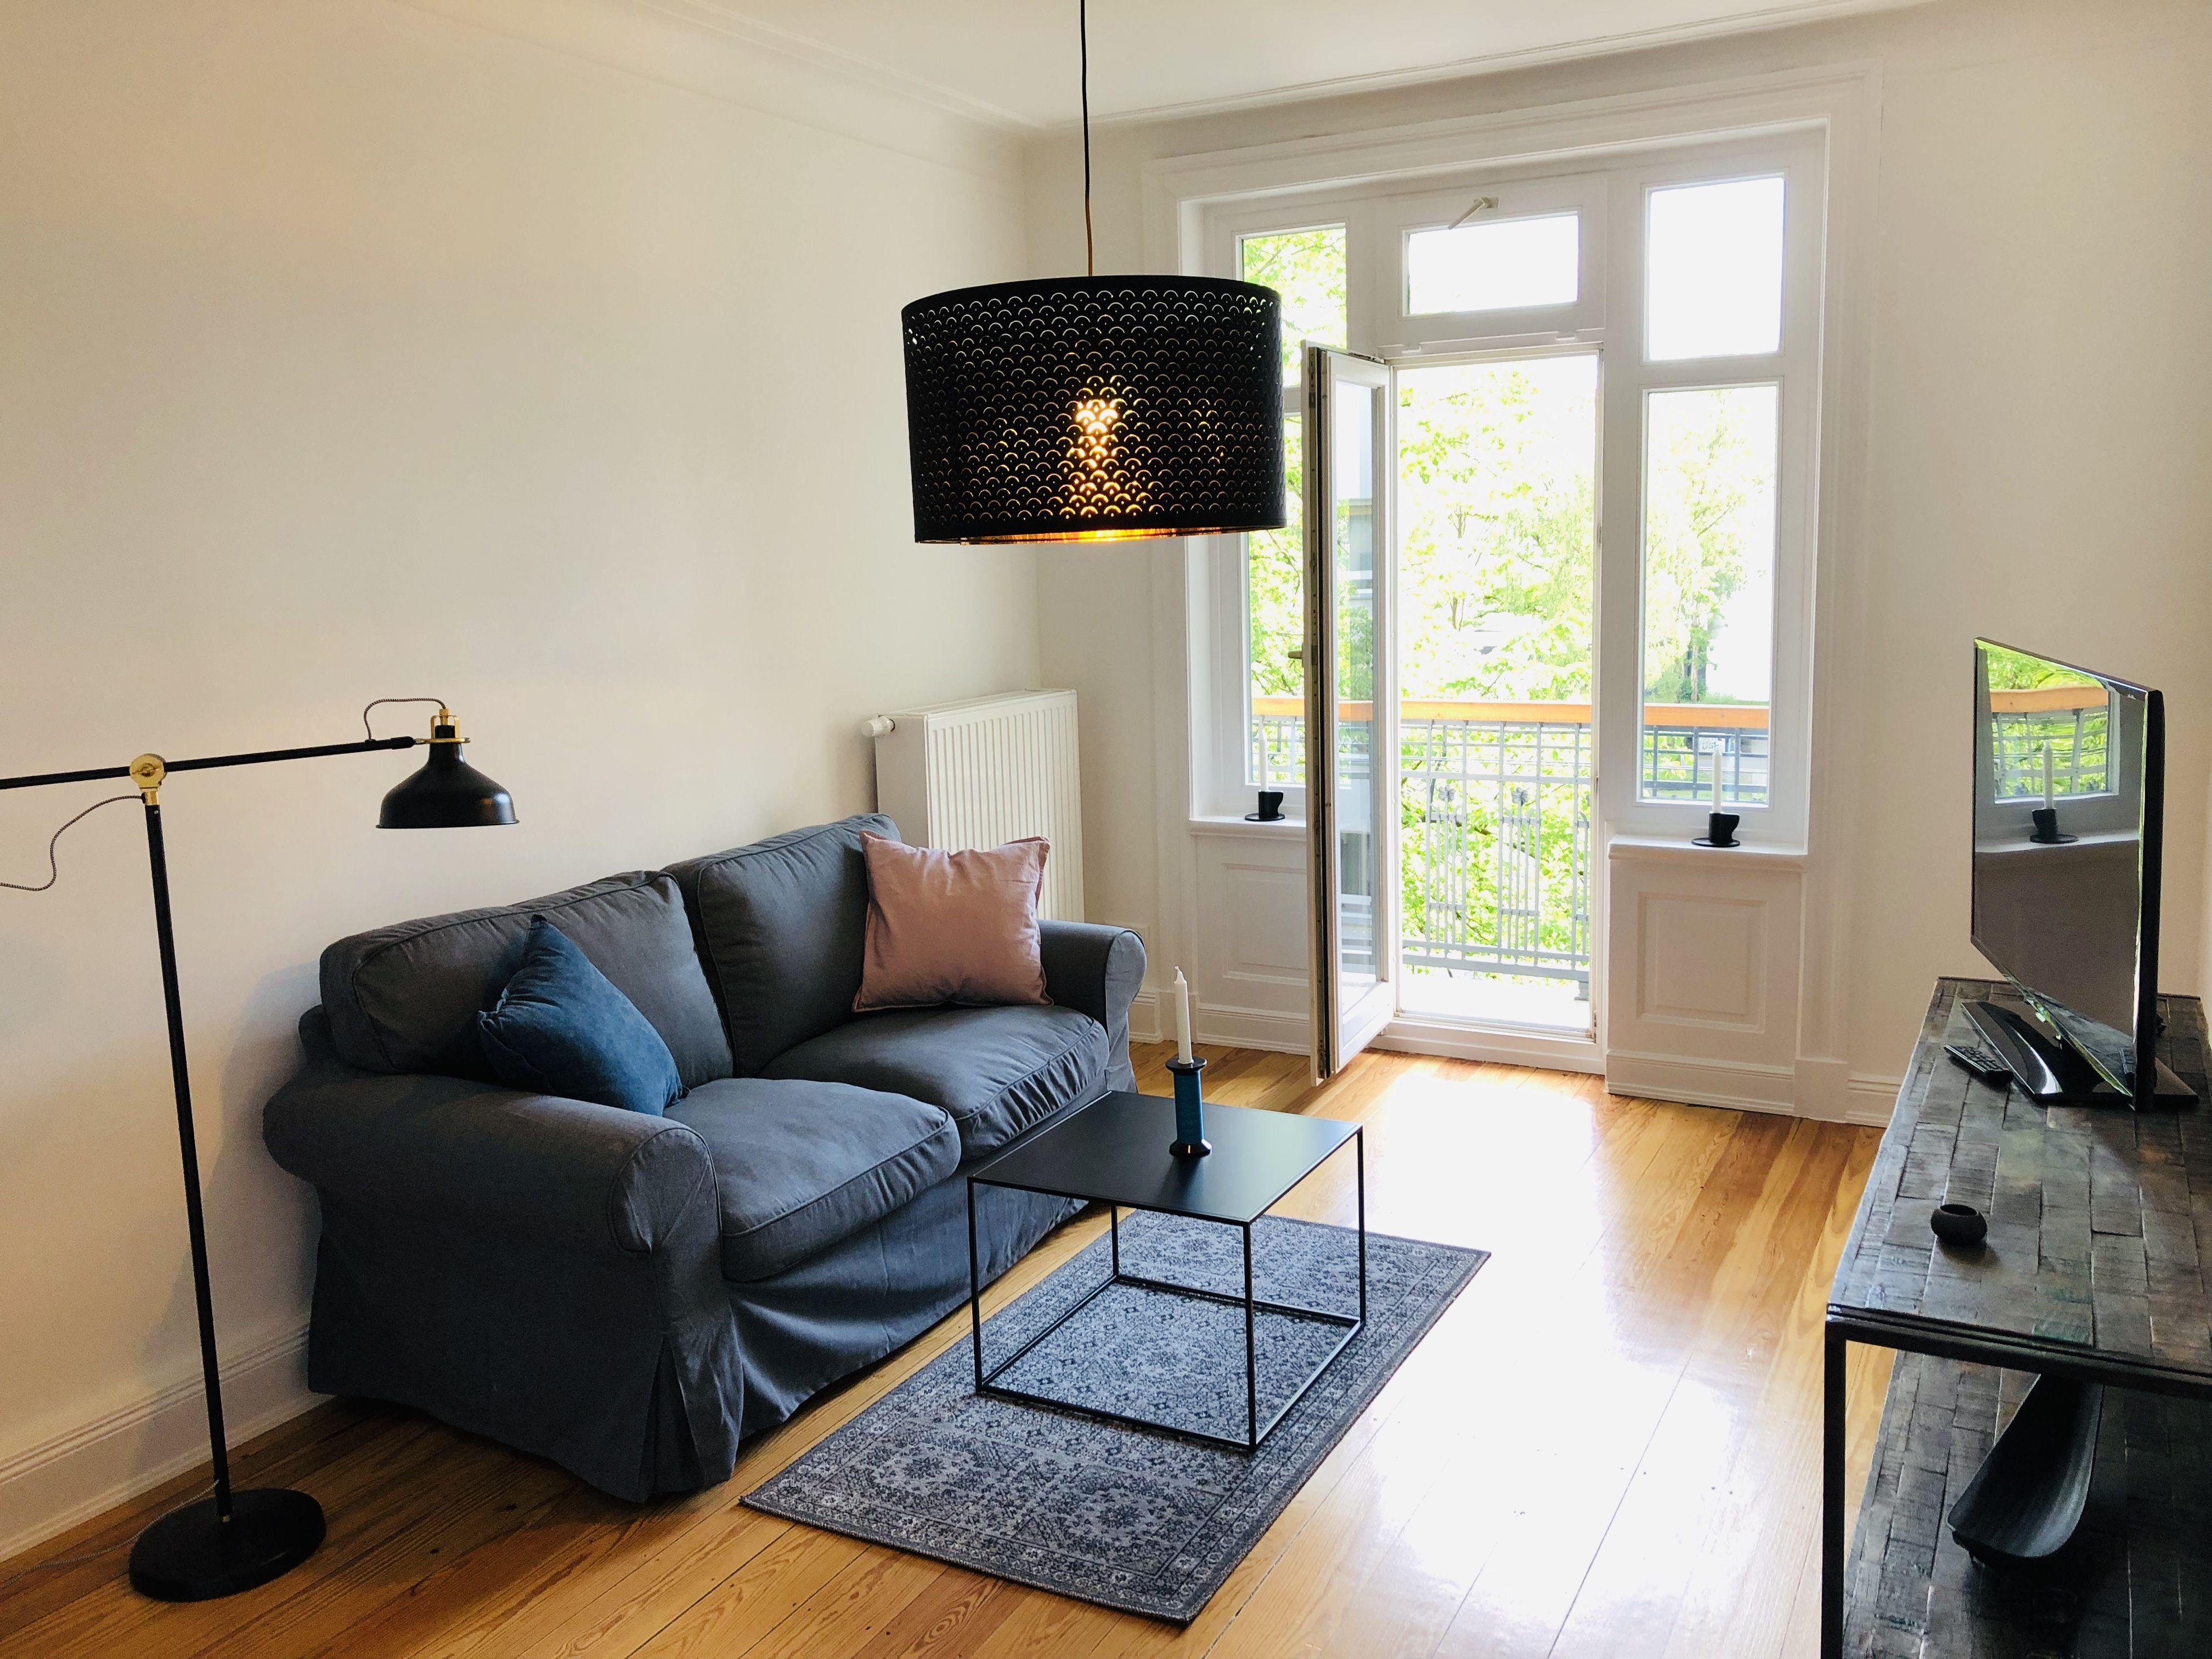 Schlichtes Gemutliches Wohnzimmer In Hamburg Gemutliches Wohnzimmer Wohnzimmer Gemutlich